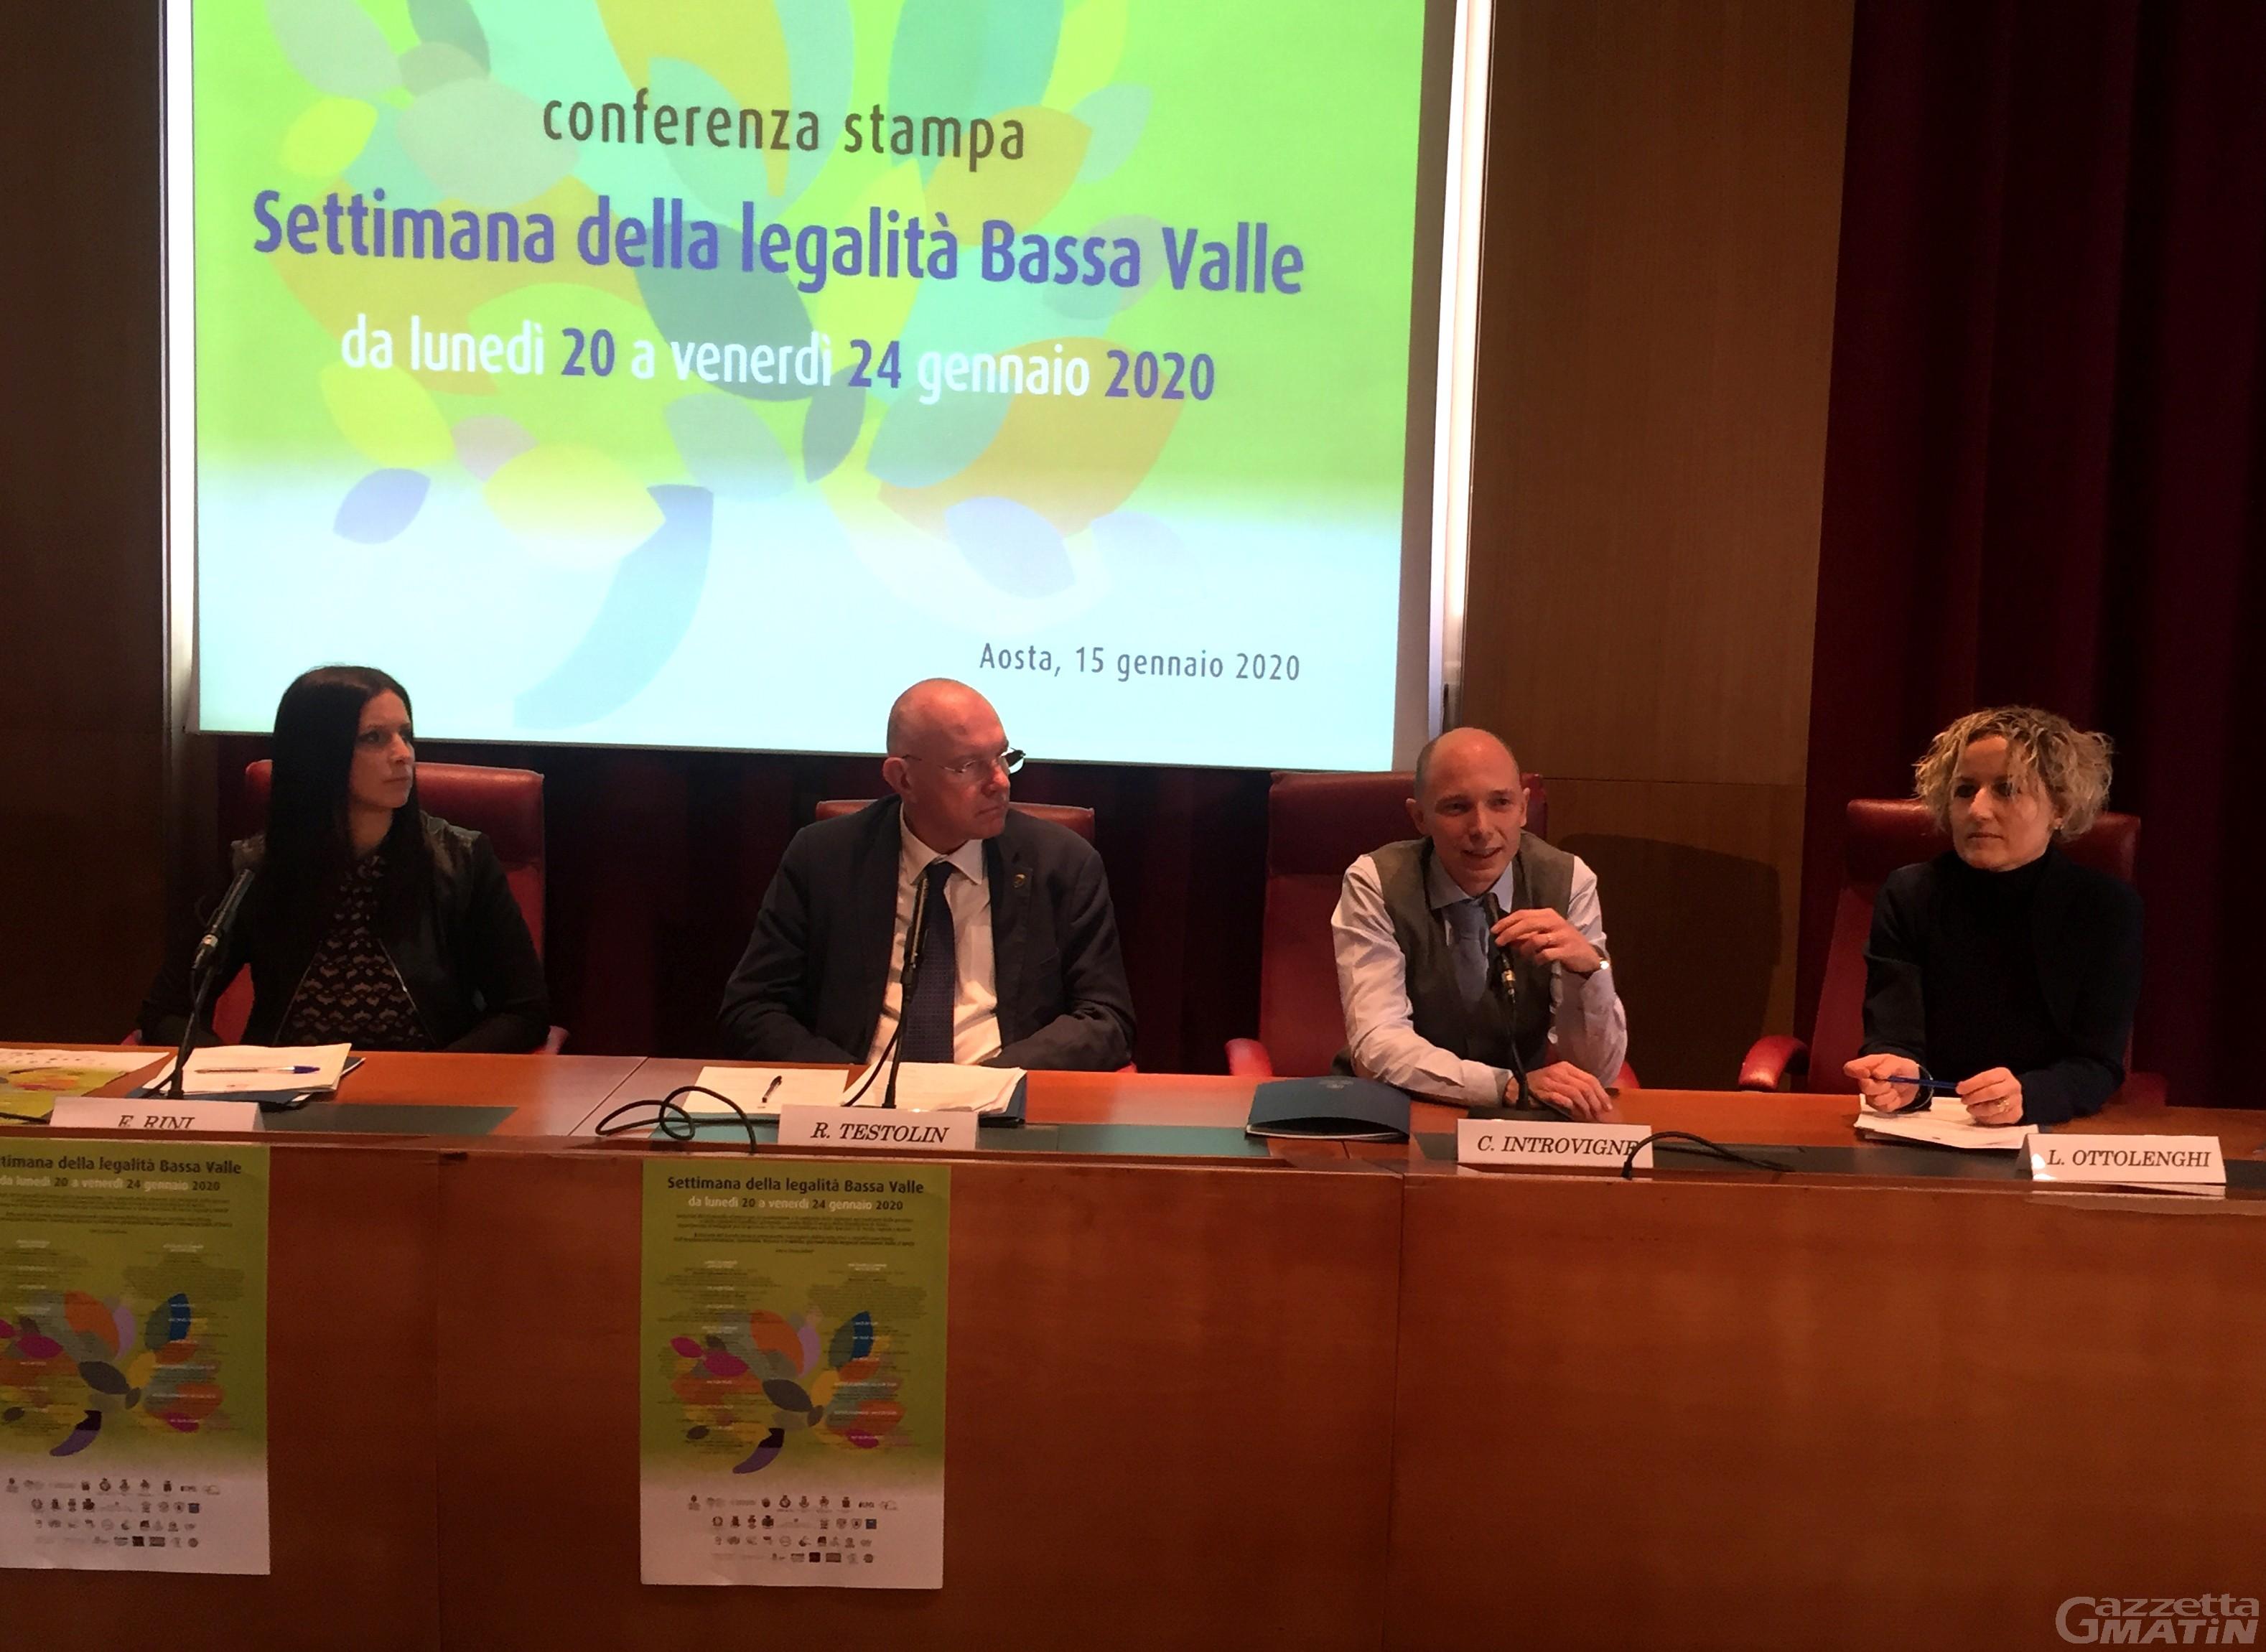 Legalità: la Costituzione ispira la Settimana della Bassa Valle per 1200 studenti